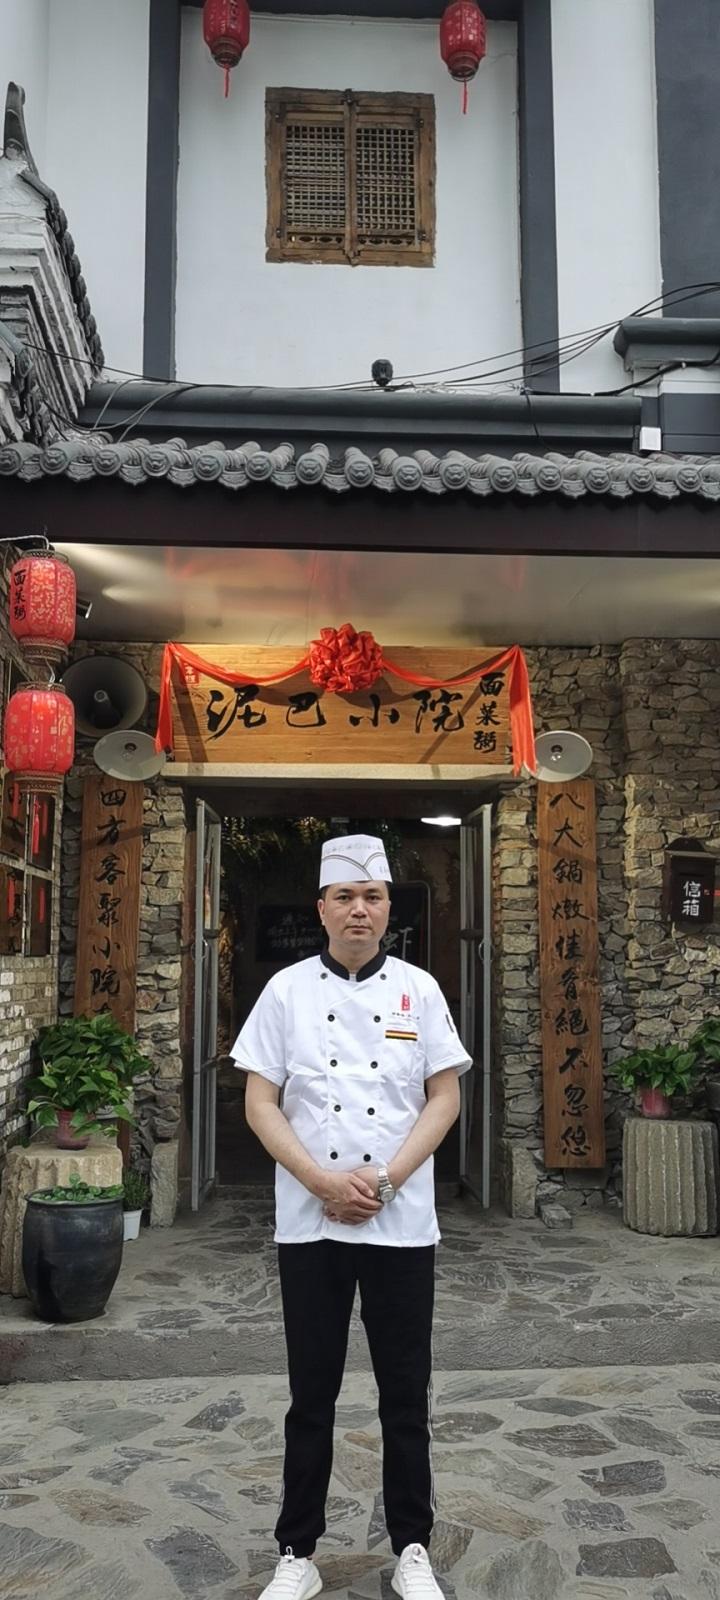 长沙新东方烹饪学院成功学子彭雪峰